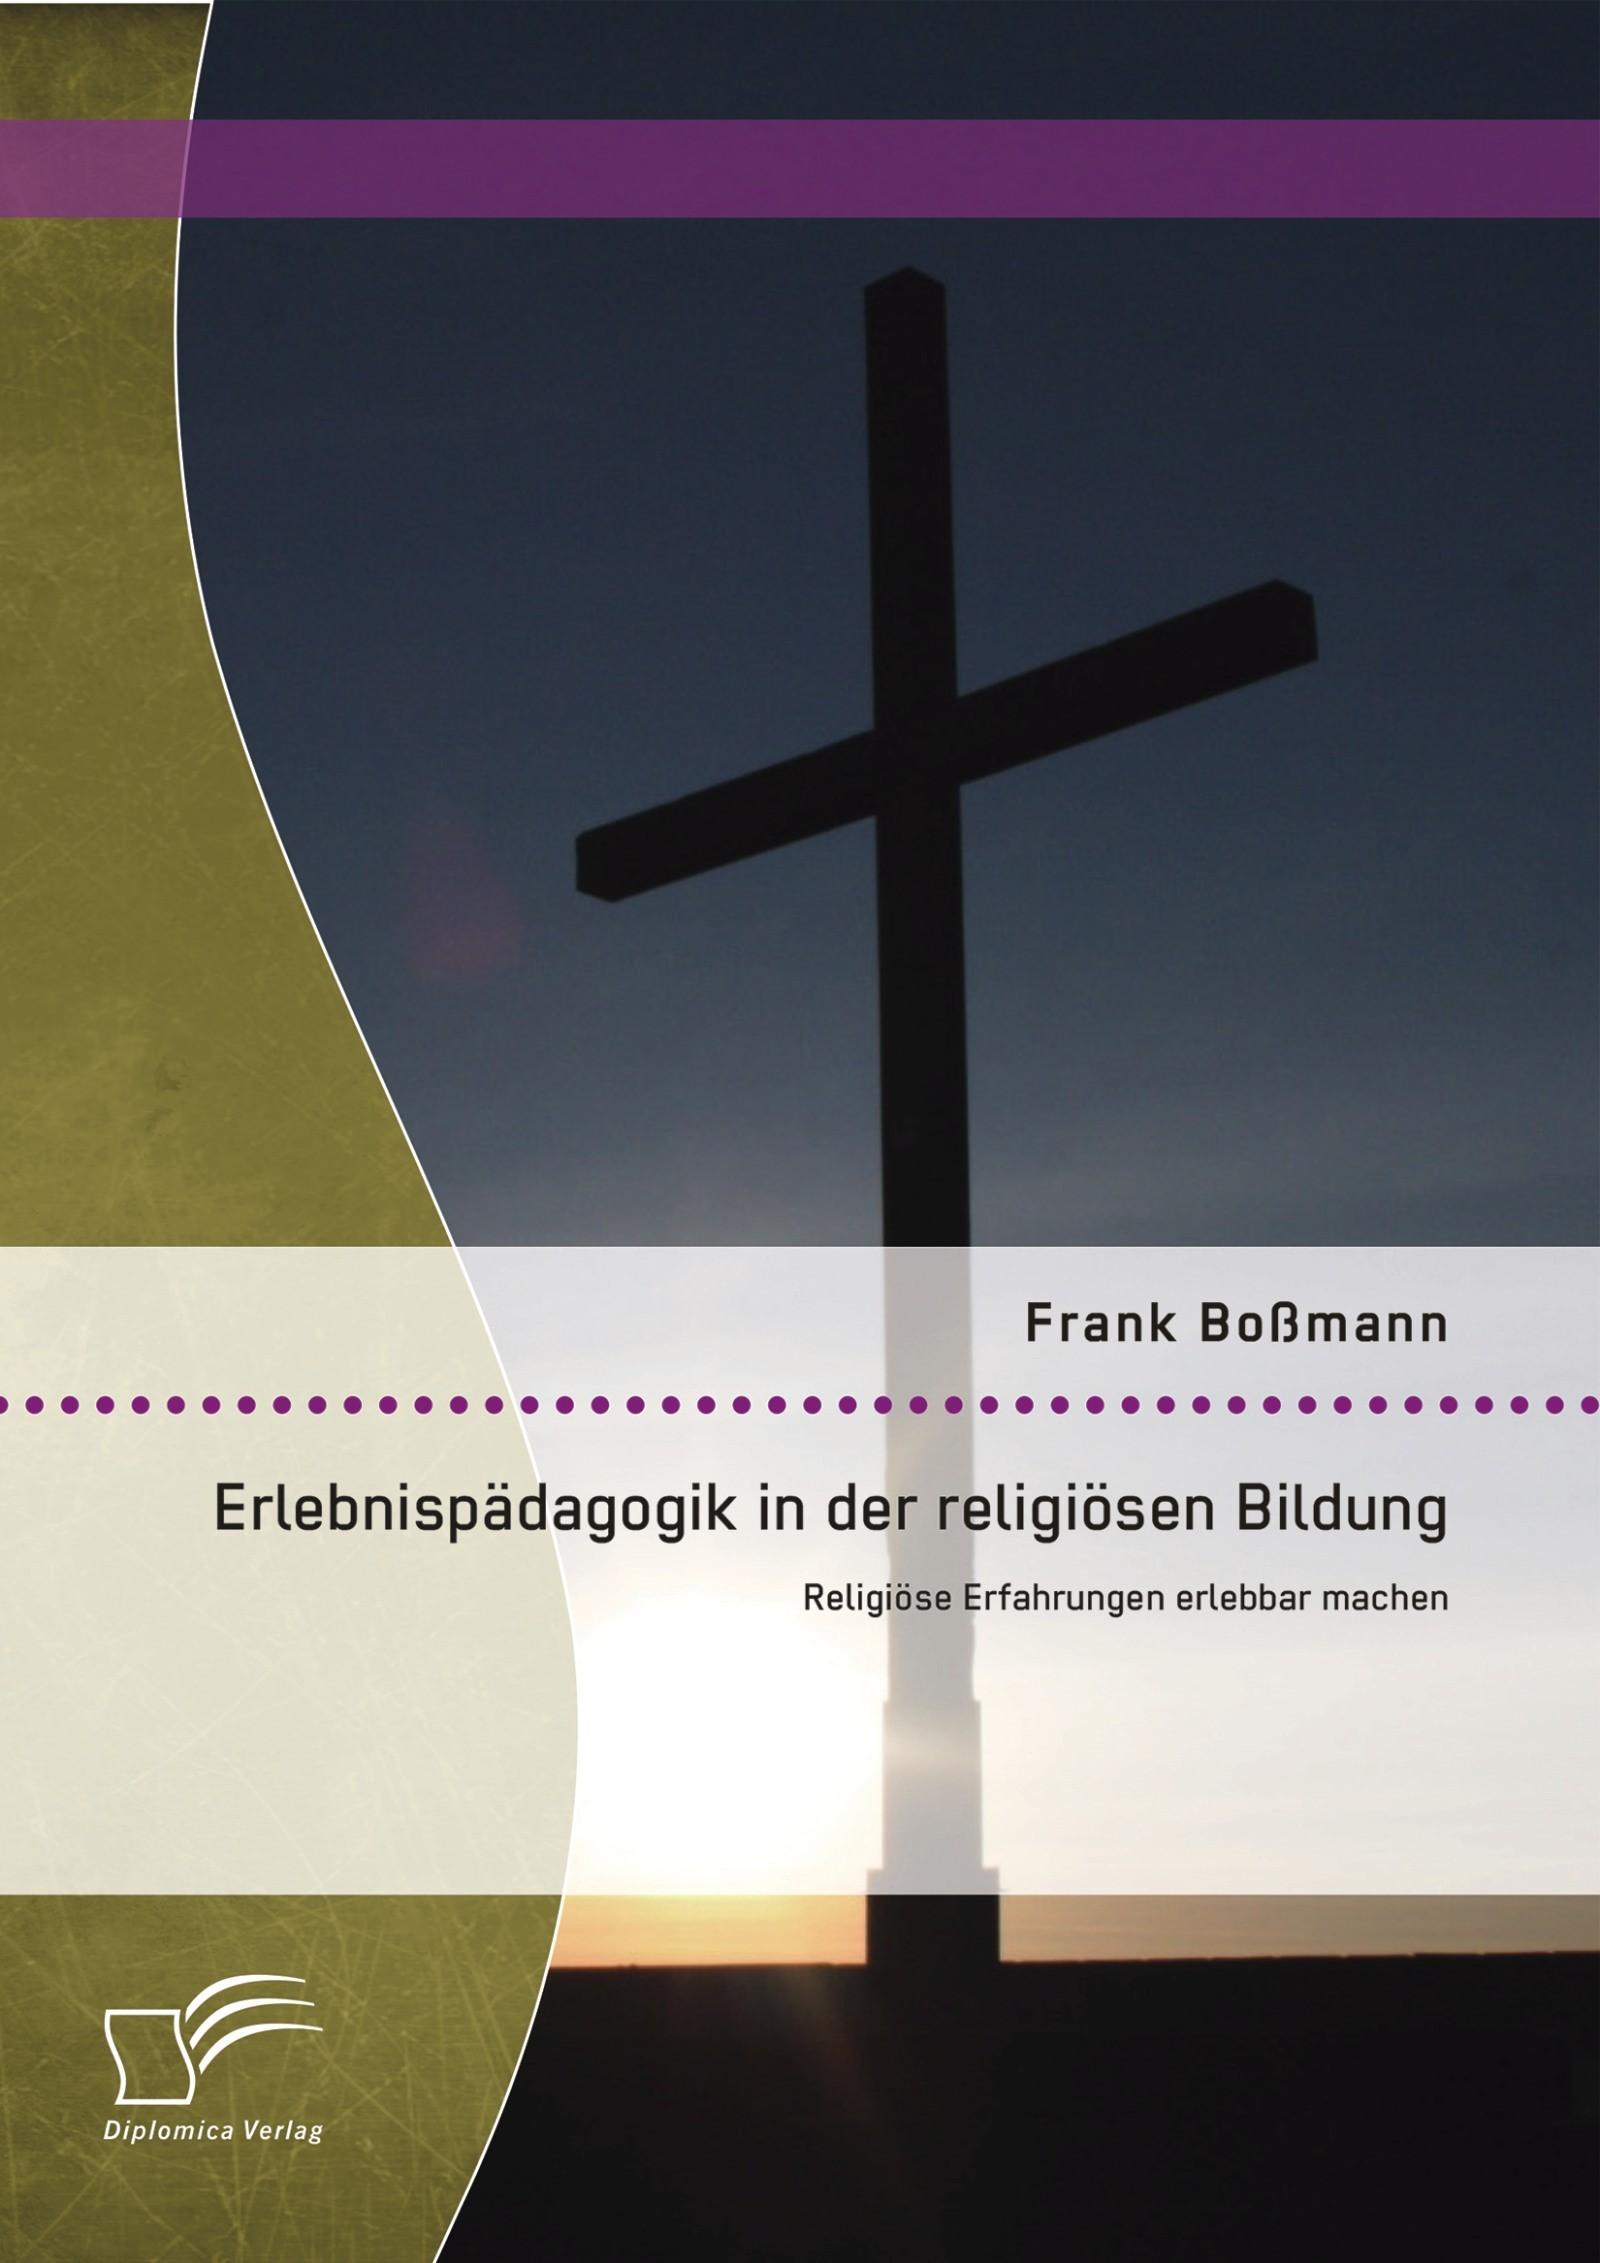 Erlebnispädagogik in der religiösen Bildung: Religiöse Erfahrungen erlebbar machen | Boßmann | Erstauflage, 2014 | Buch (Cover)